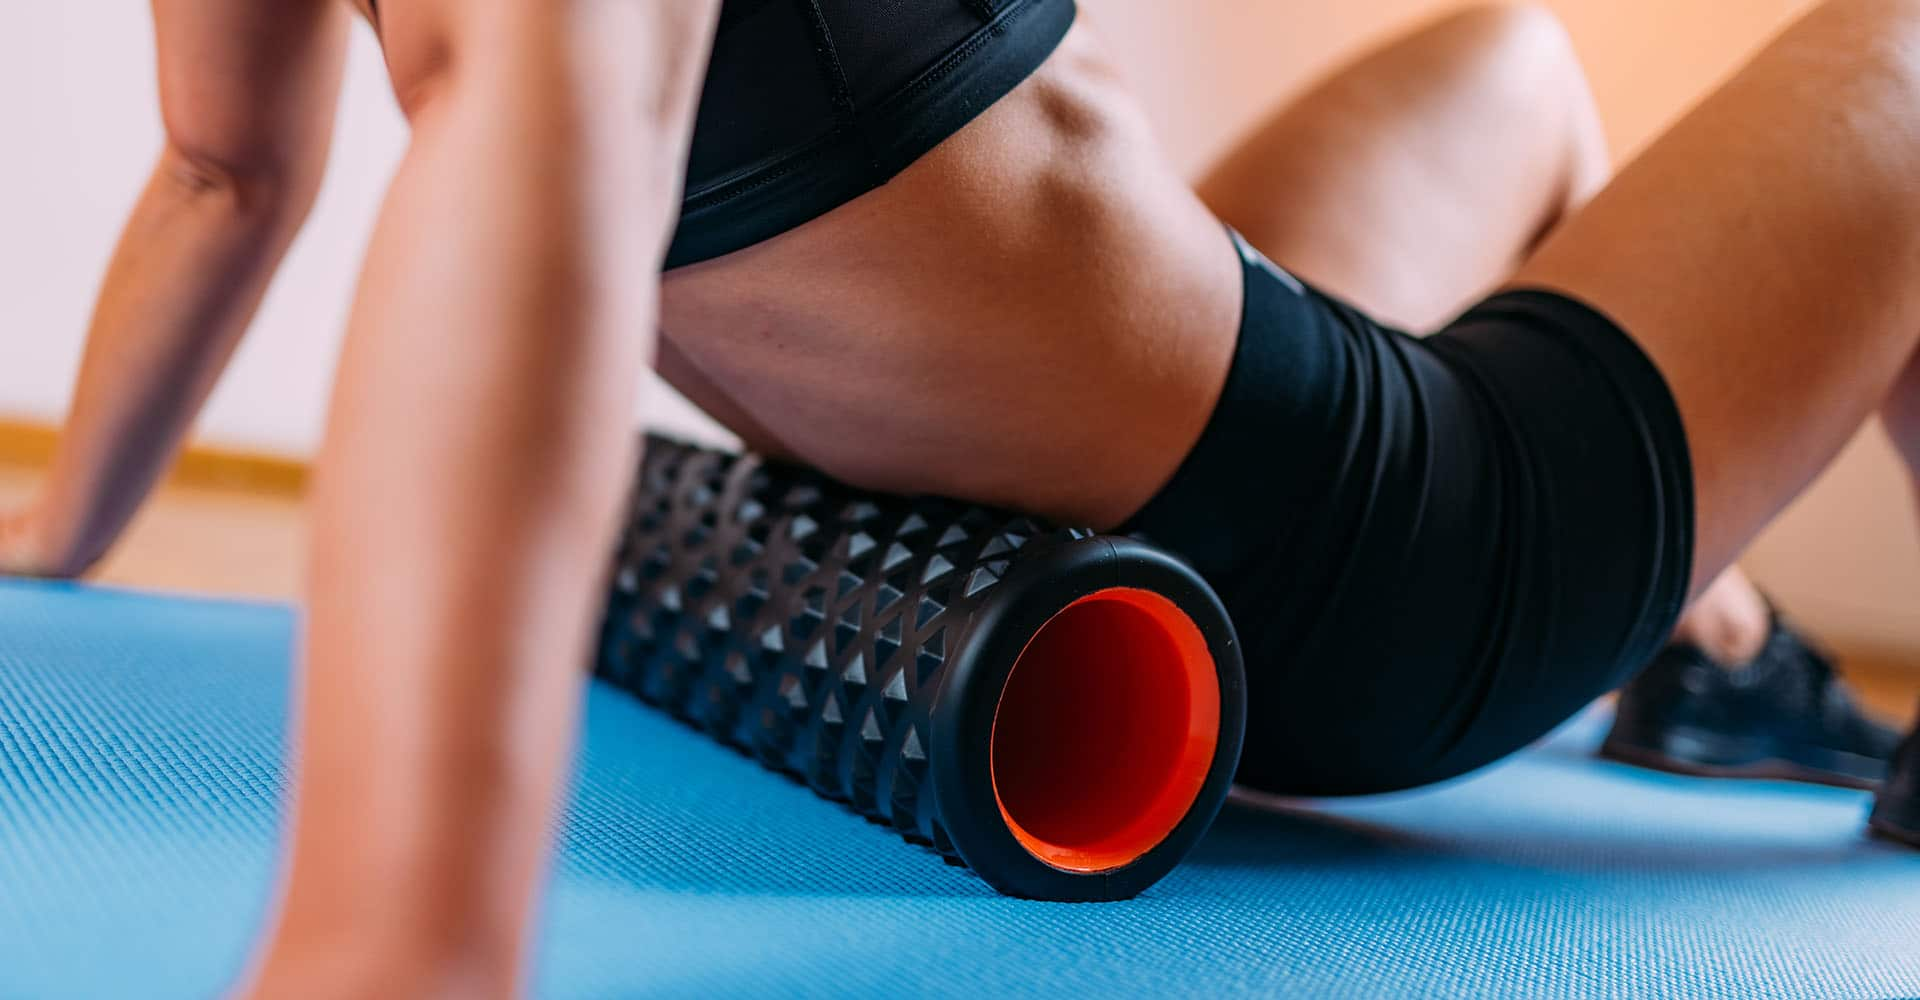 Rückenstrecker Trainer Massagegerät Rückentrainer Lendenwirbelsäule Massage